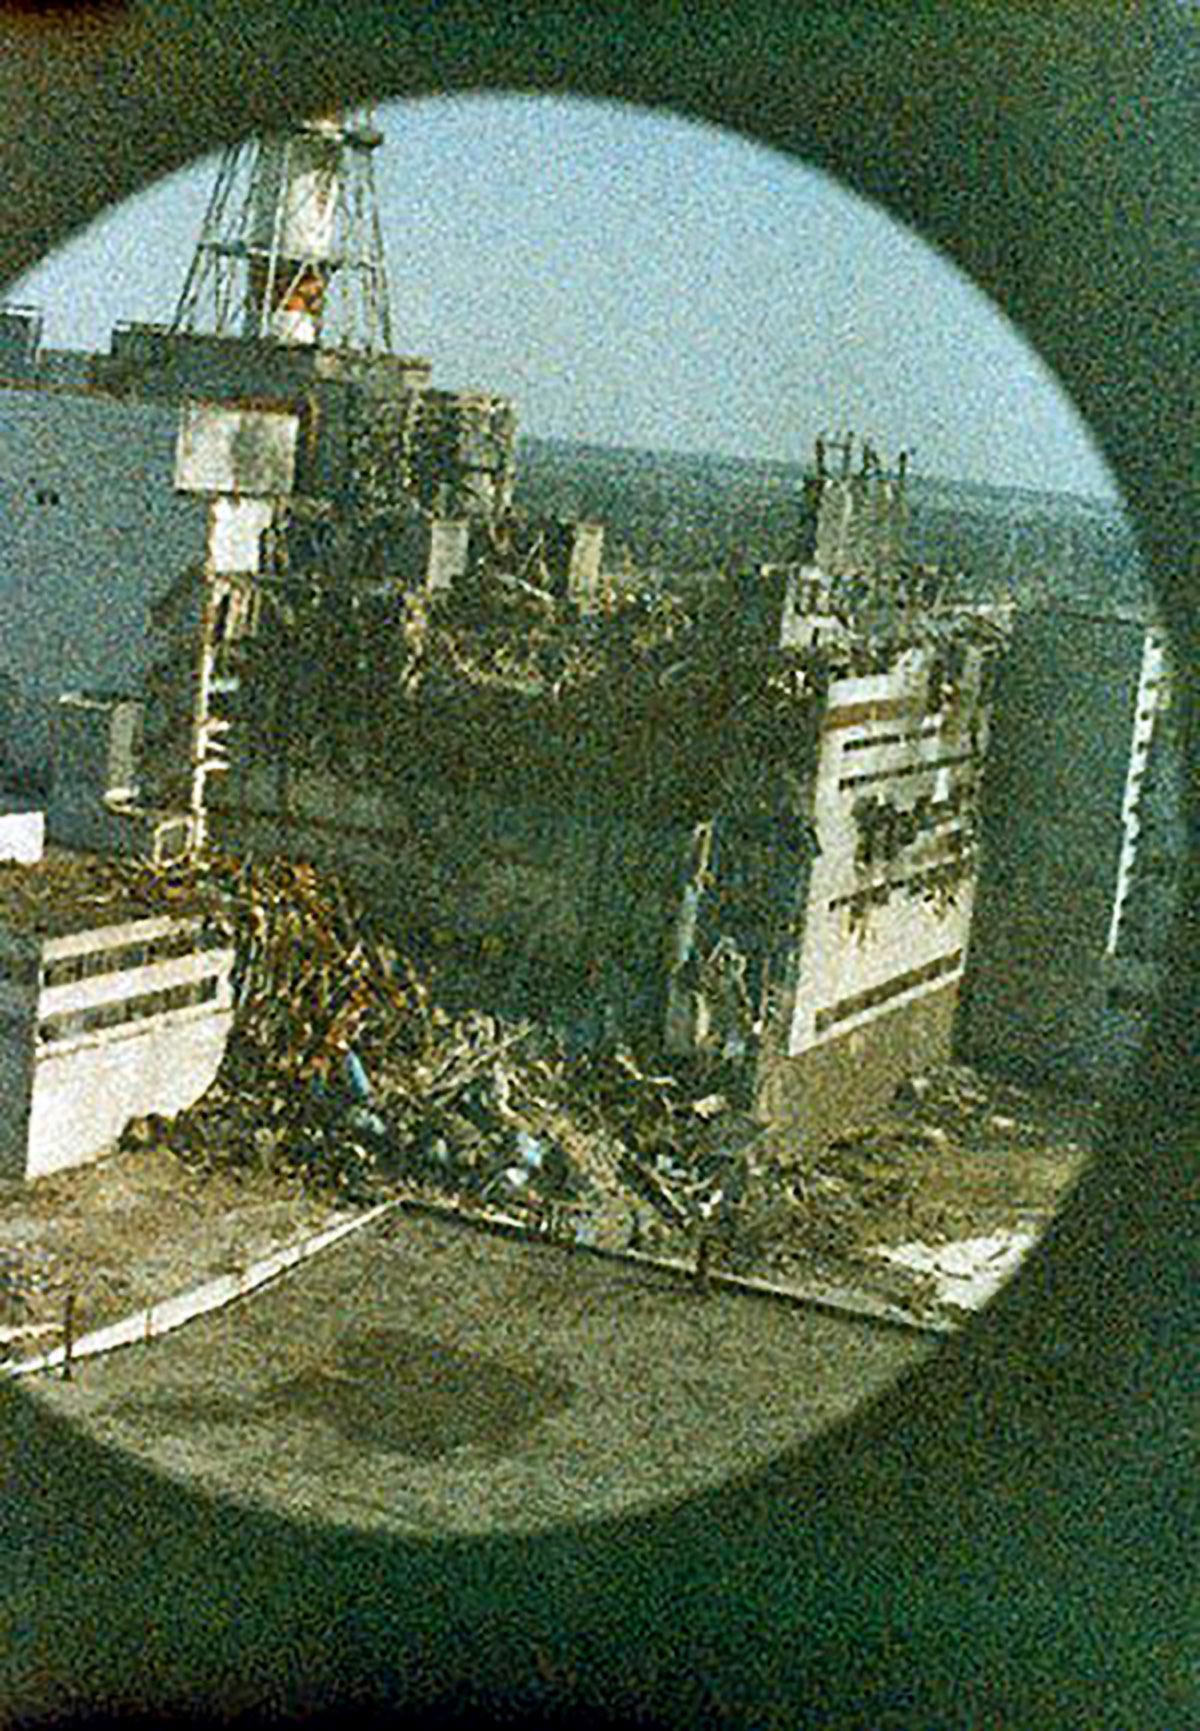 Kostin Tschernobyl